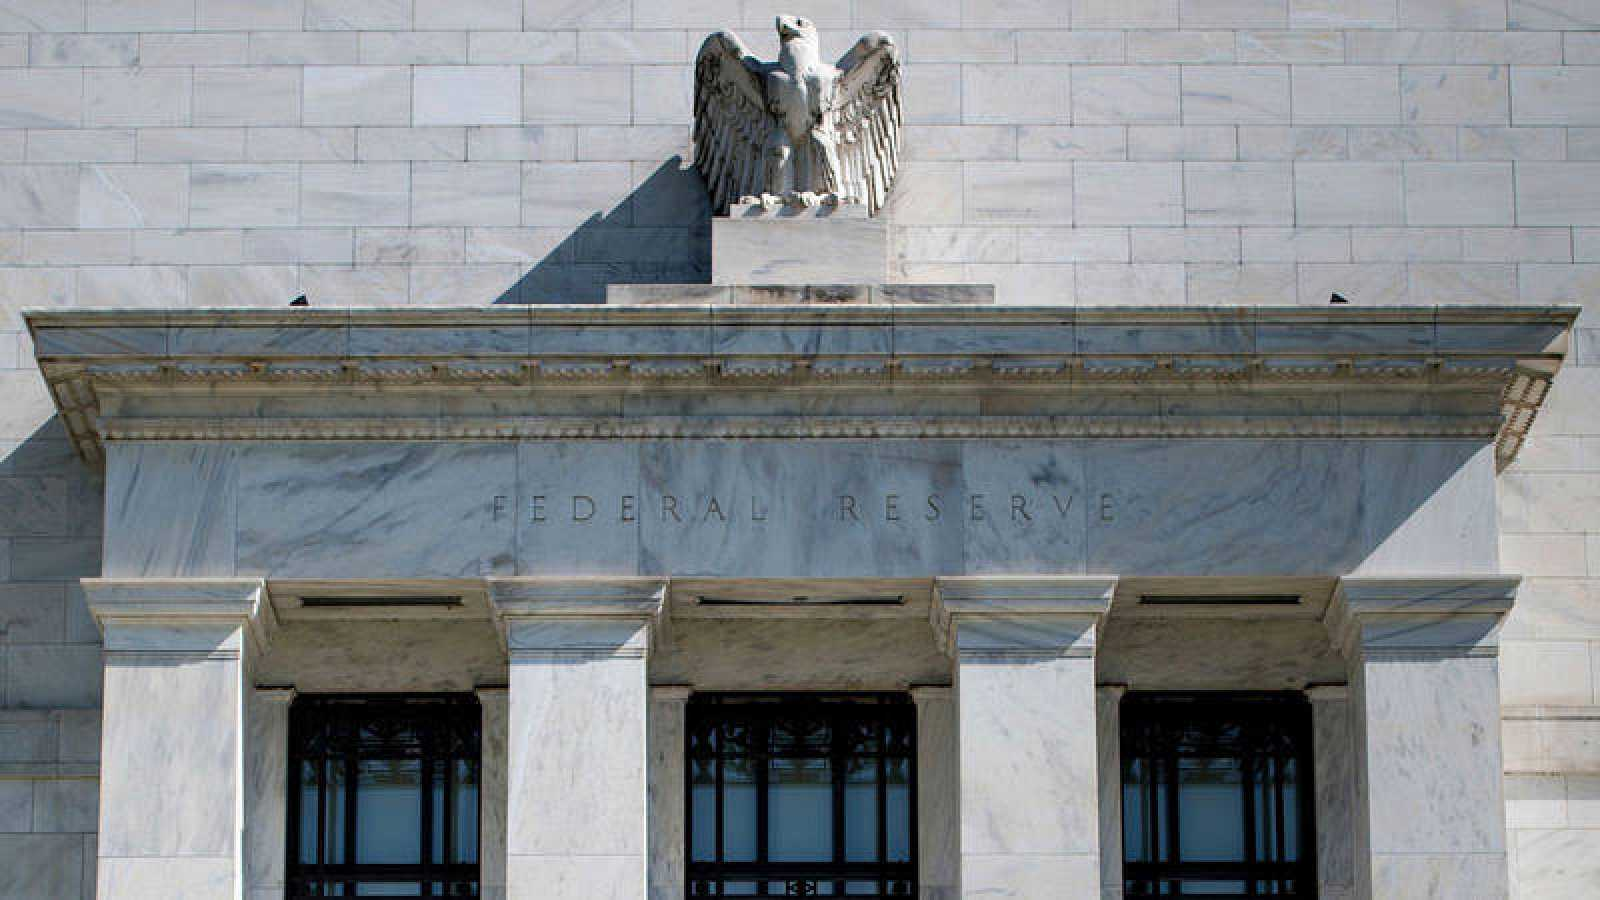 Imagen de archivo de la Reserva Federal de Estados Unidos situada en  Washington.